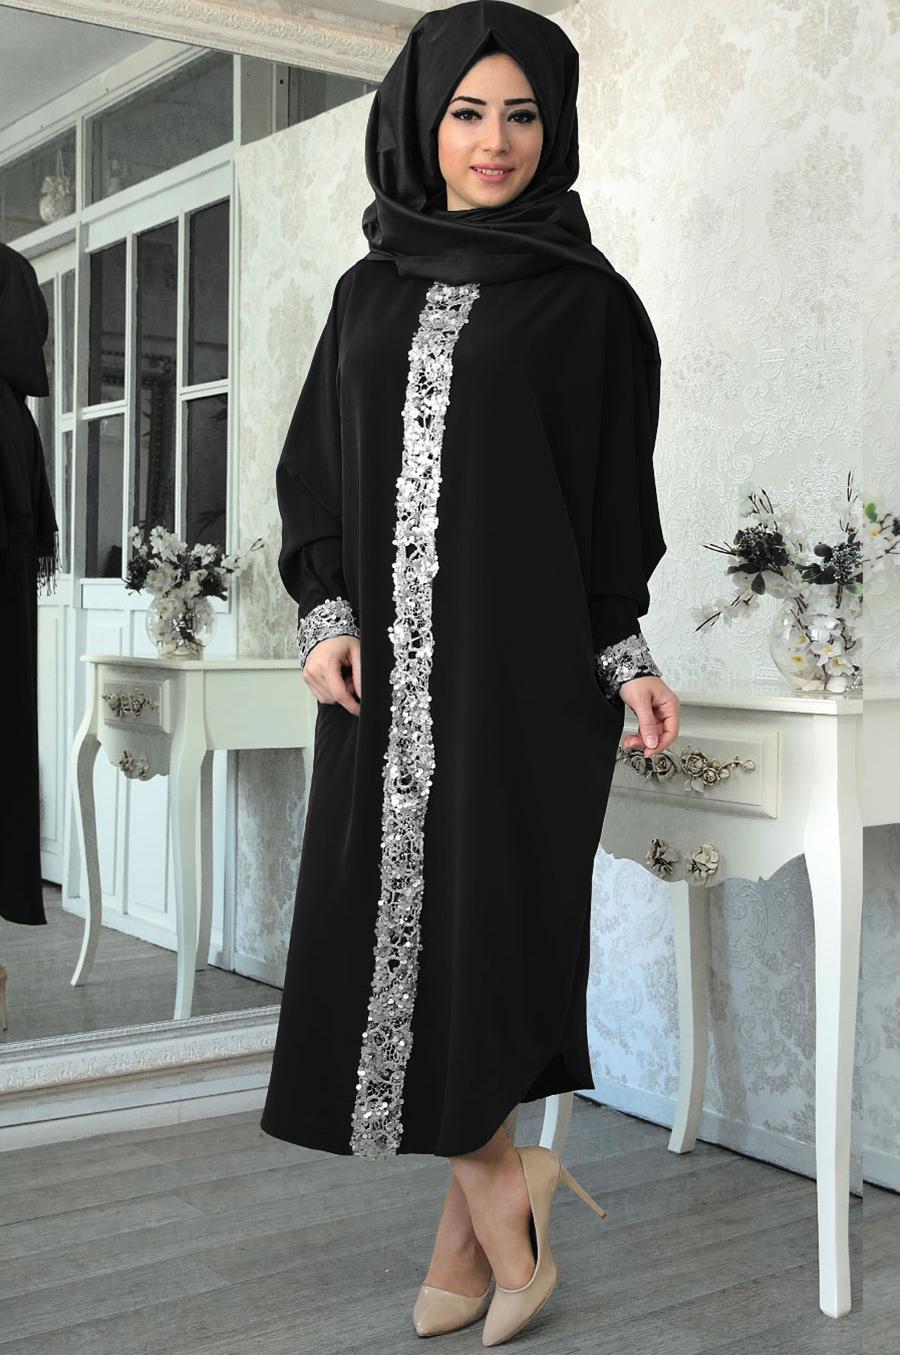 صورة بنات ايران, ماشاء الله على الجمال 2371 2